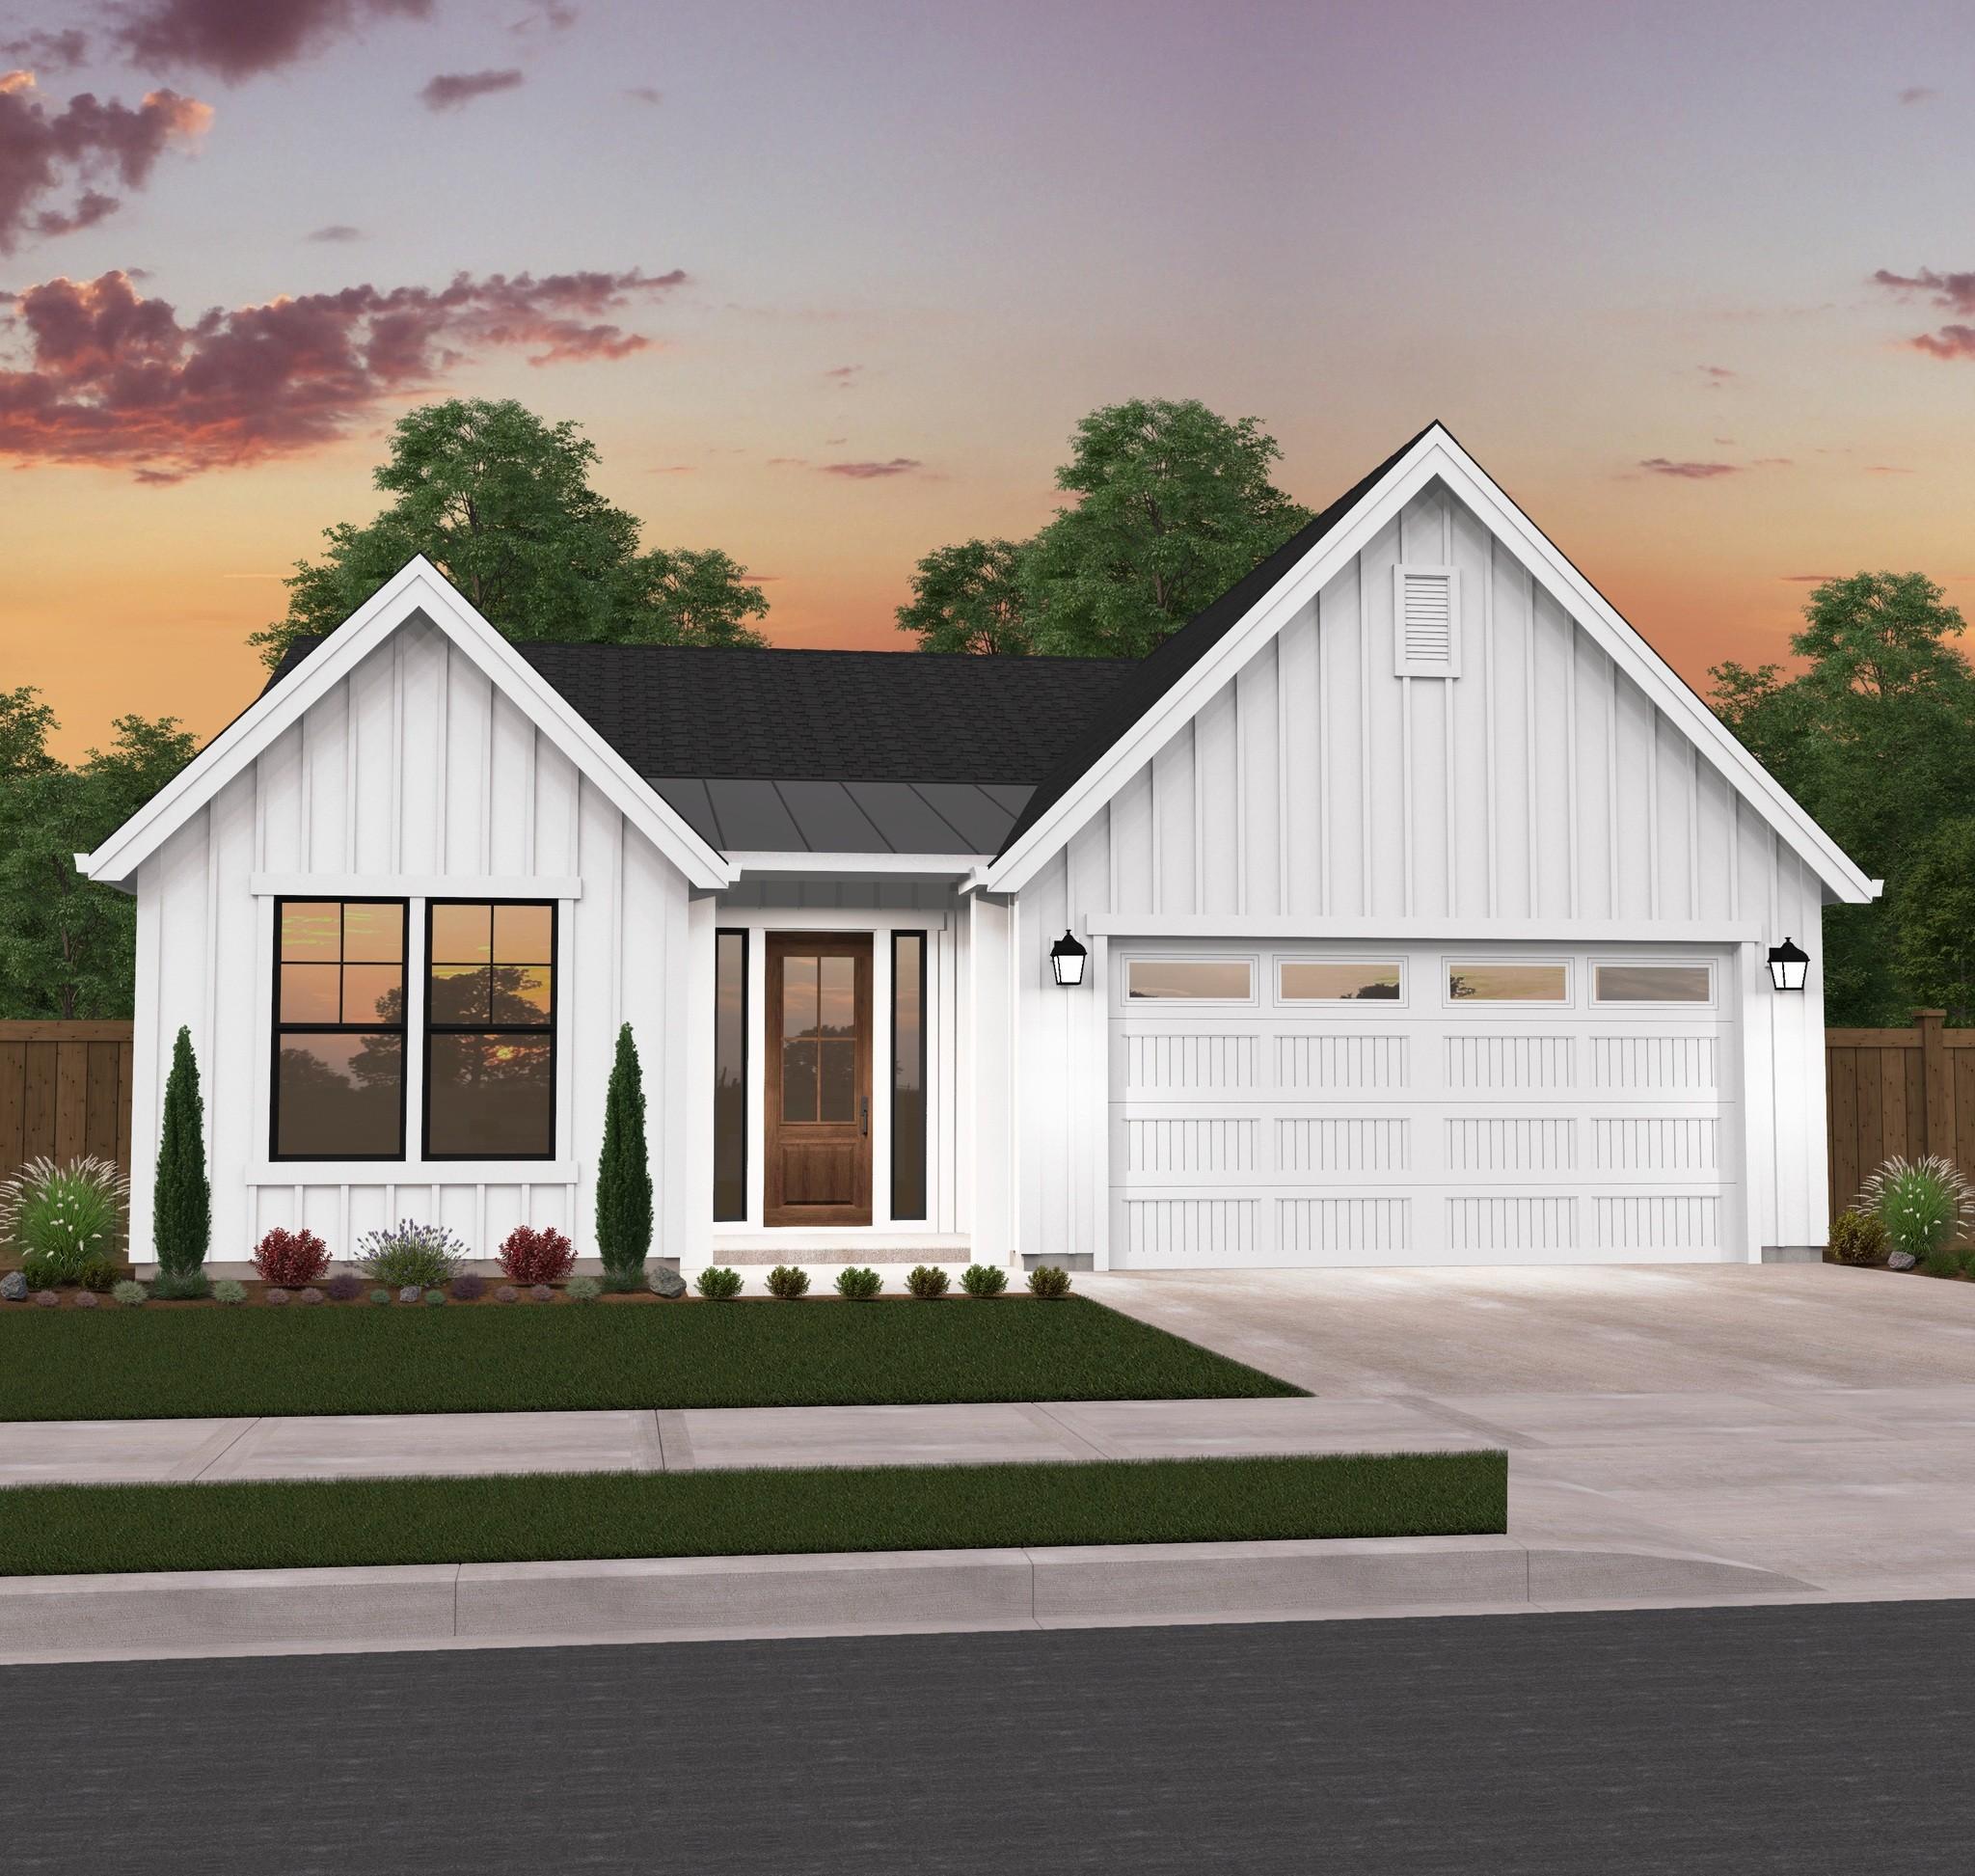 Detached Garage Plan By Mark Stewart Home Design: Conservative Farmhouse Plan By Mark Stewart Home